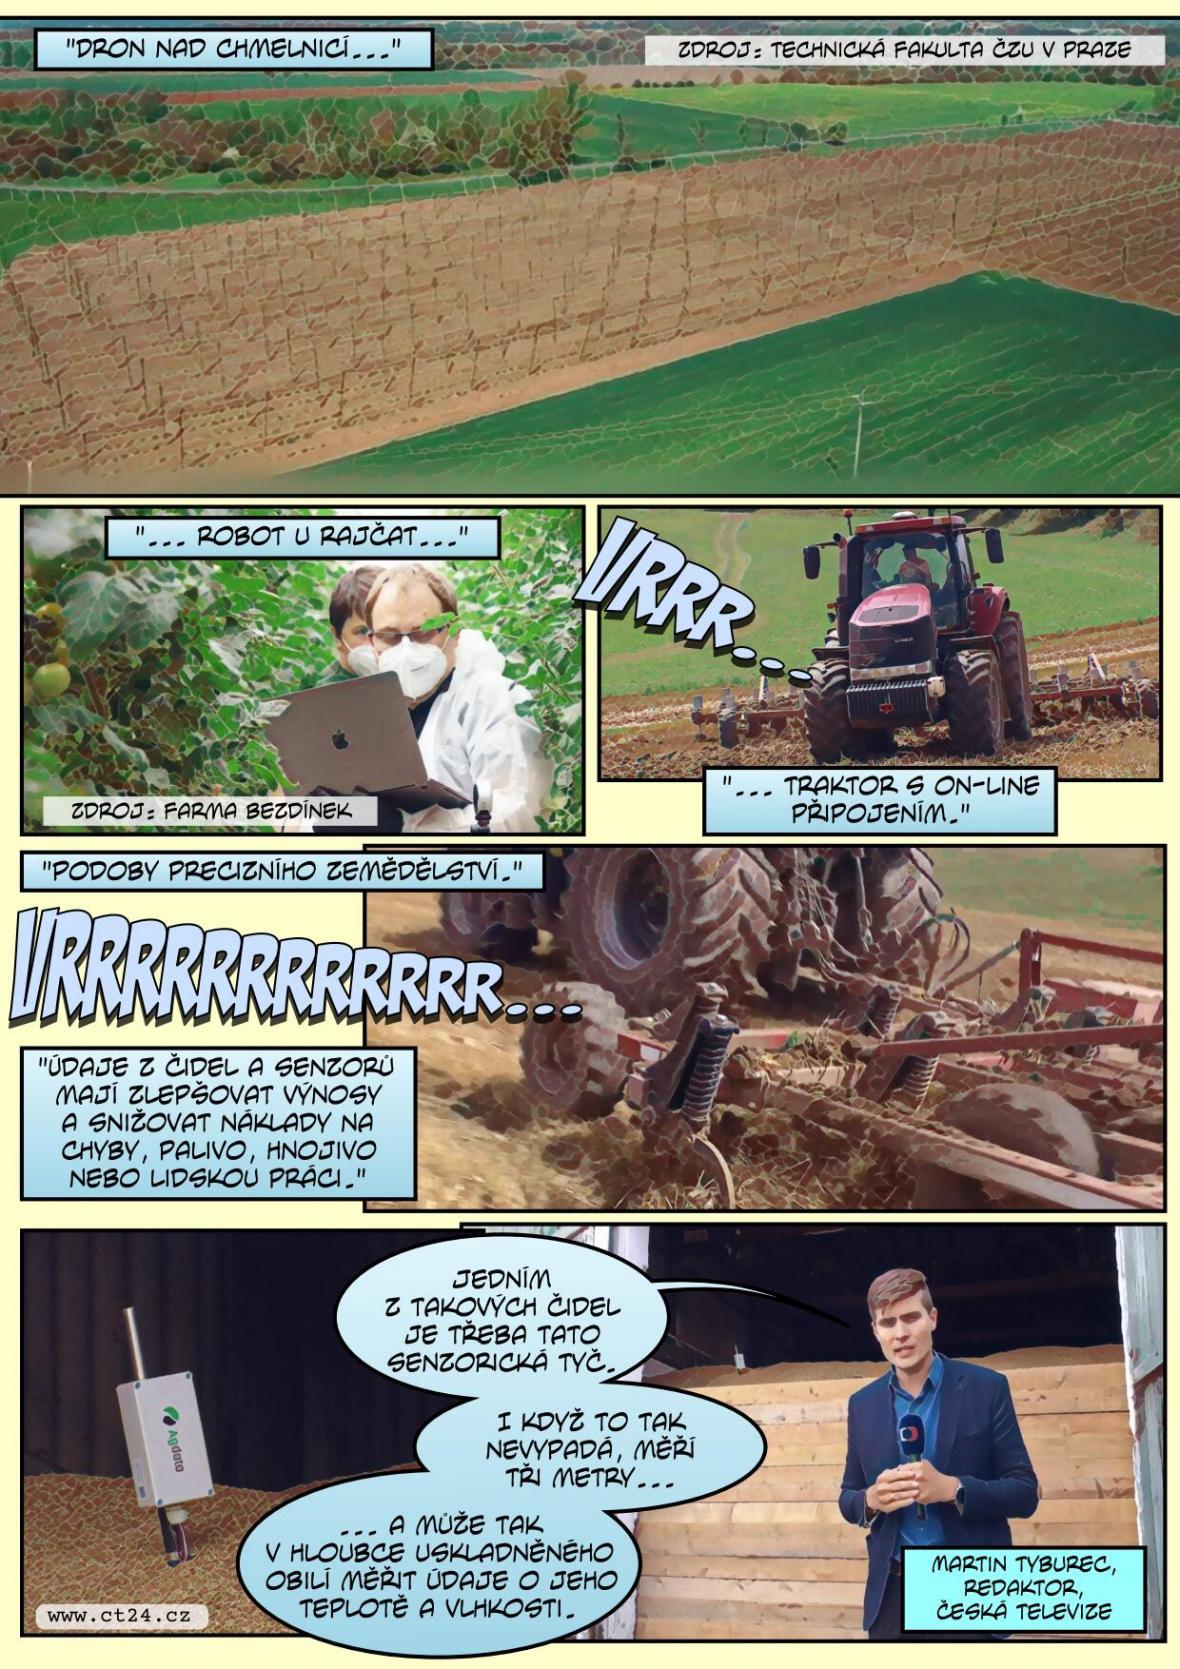 Nové technologie mají pomoci farmářům při sklizni